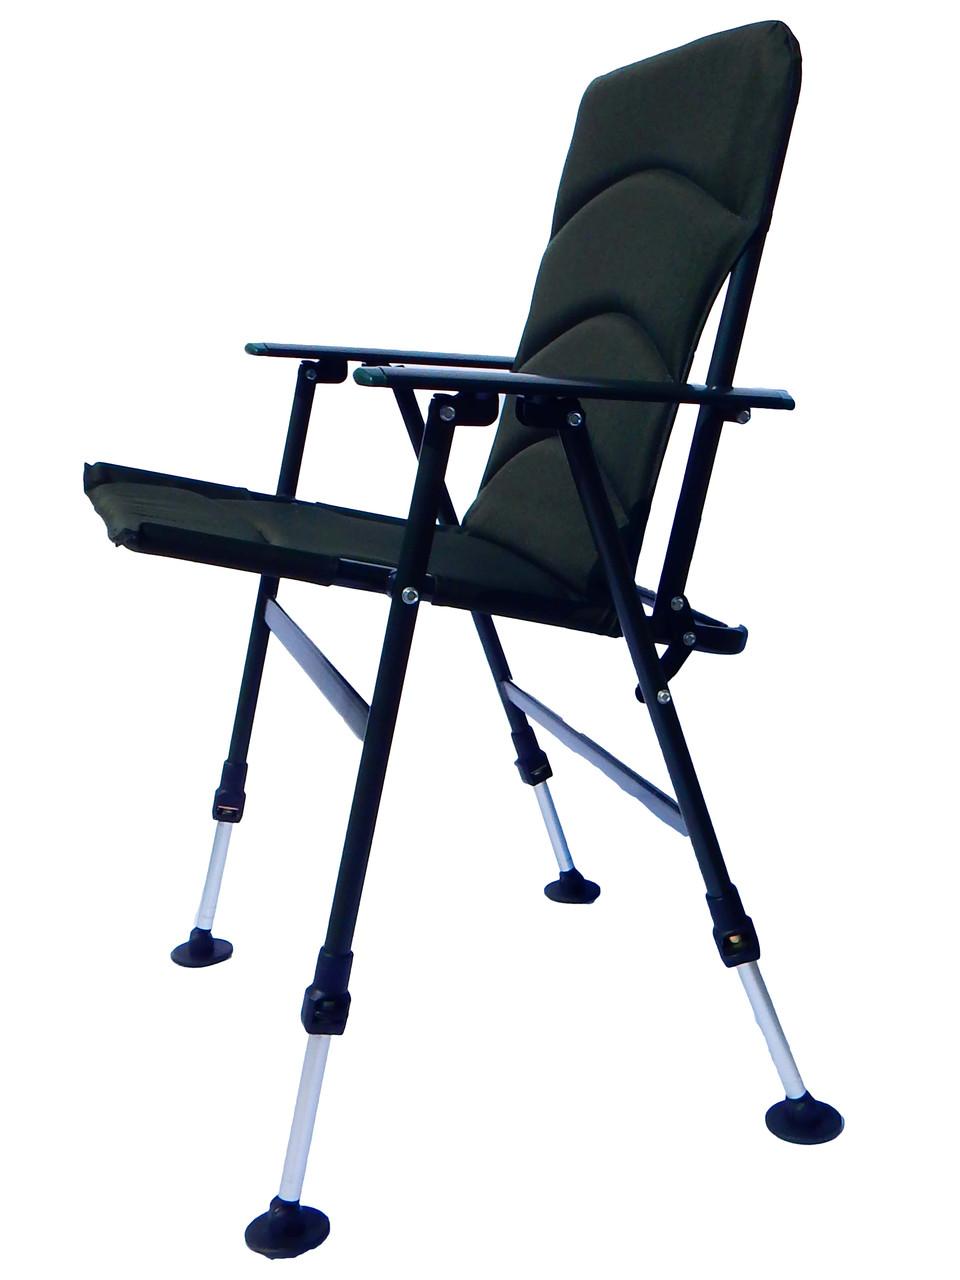 Карповое кресло  для рыбалки природы пикника Ranger Fisherman до 130 кг нагрузки зеленое